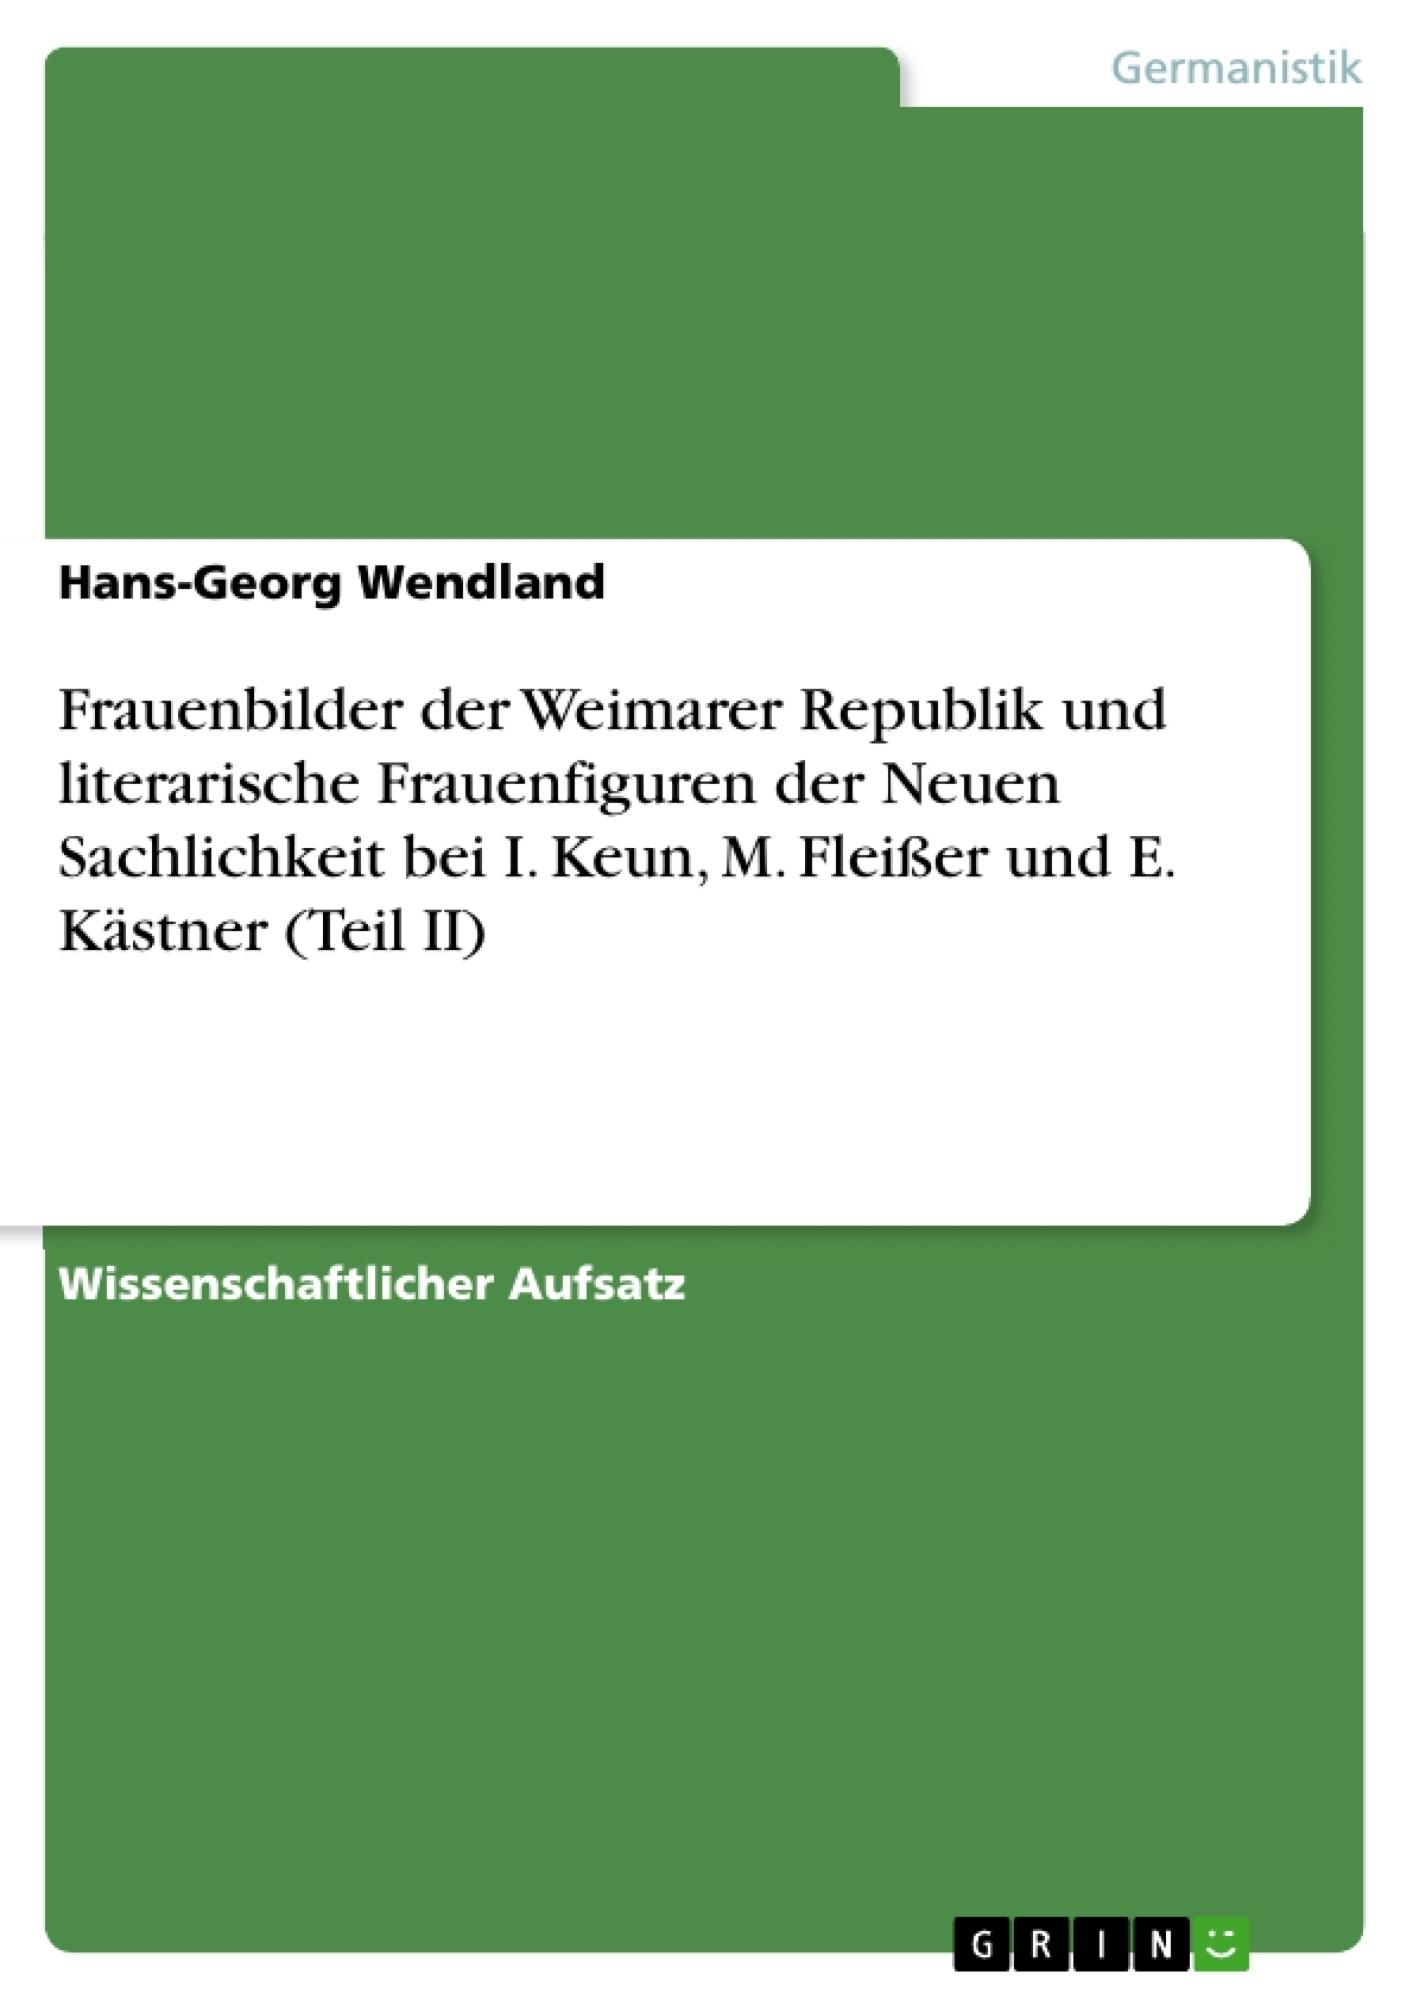 Titel: Frauenbilder der Weimarer Republik und literarische Frauenfiguren der Neuen Sachlichkeit bei I. Keun, M. Fleißer und E. Kästner (Teil II)